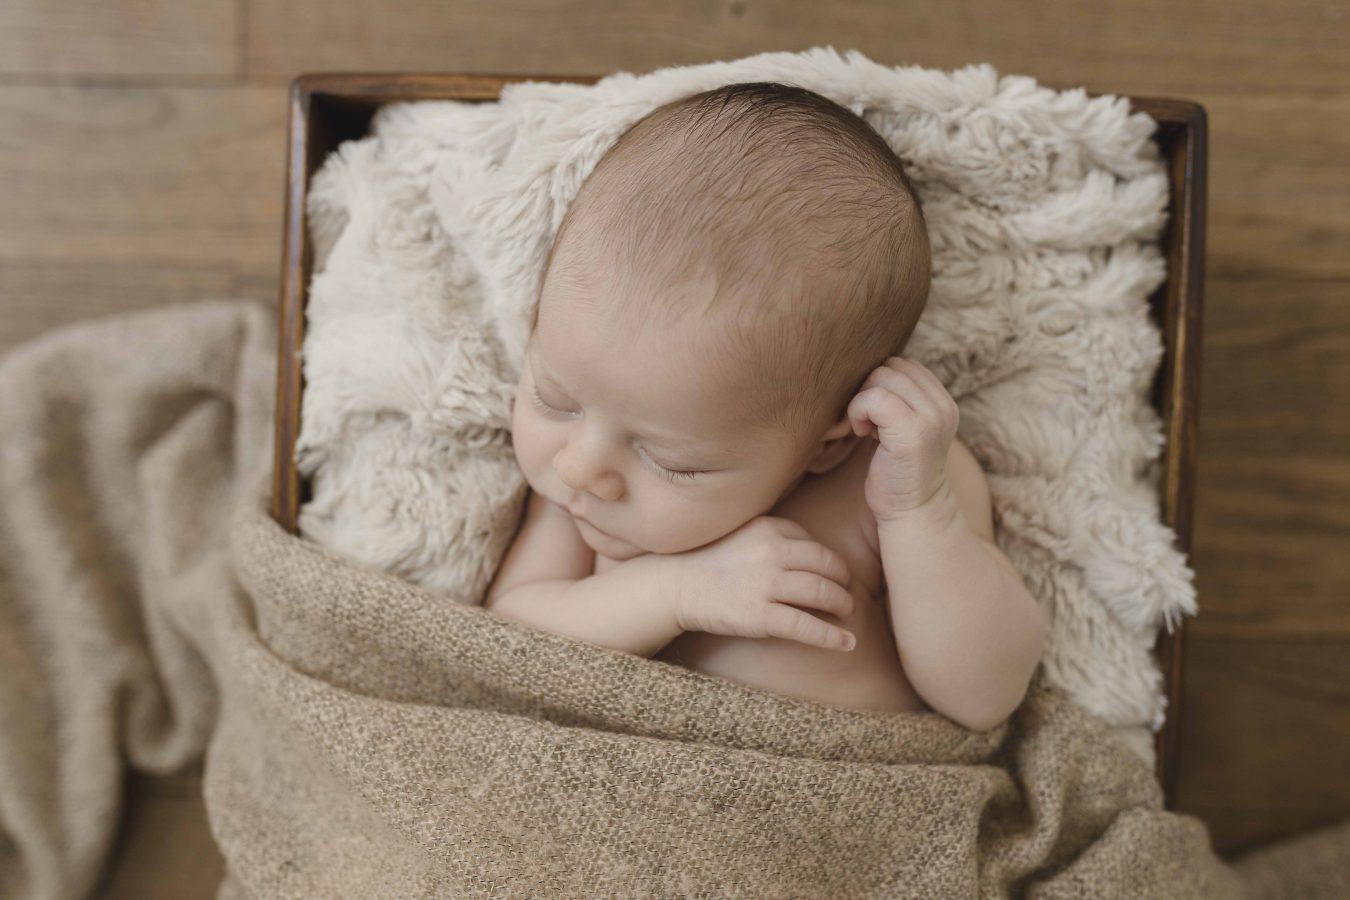 Babyfotos in Hamburg - kleiner Junge schläft auf einer kuscheligen Decke mit einem Bärchen im Arm